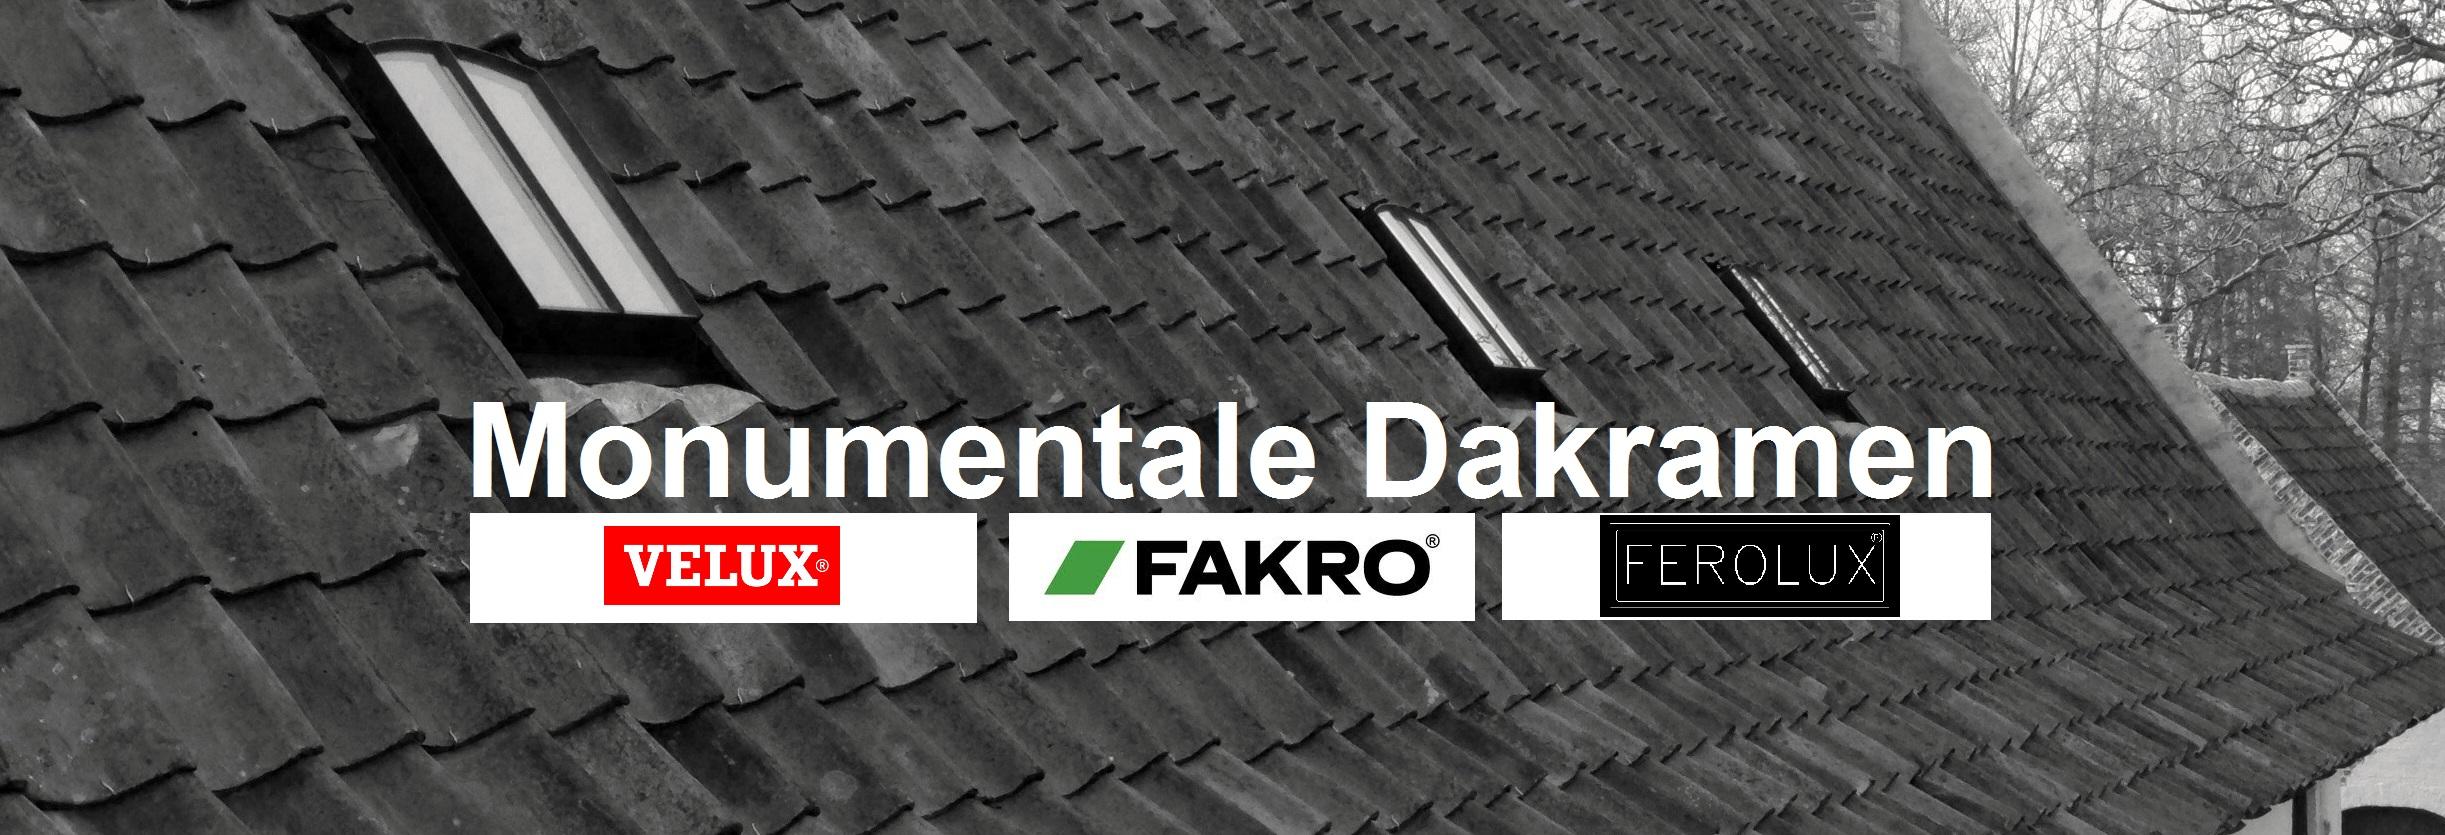 Banner_monumentale_dakramen_mijndaglicht